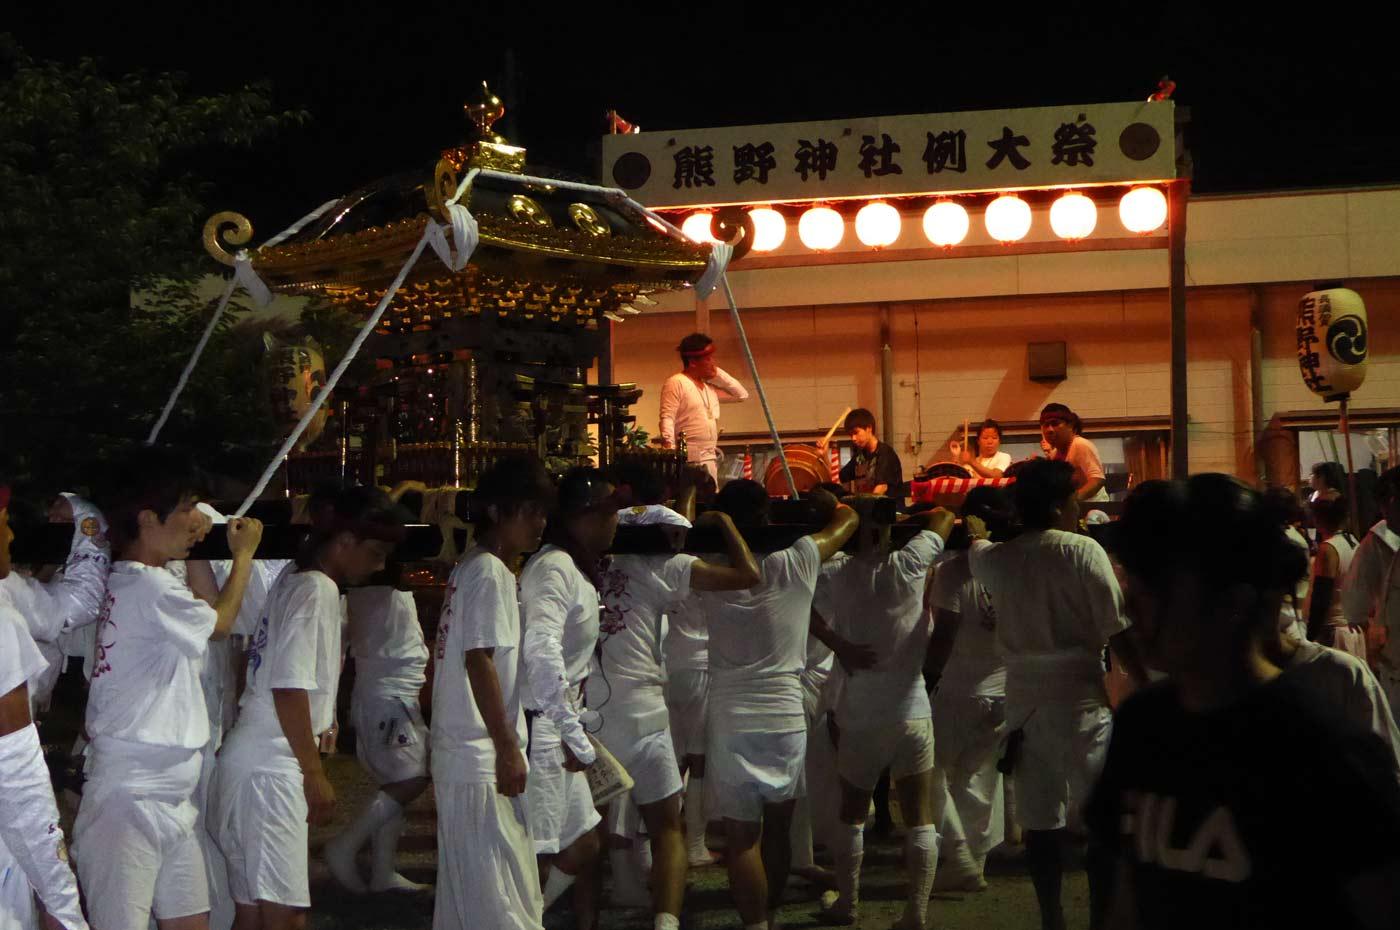 熊野神社の神輿の入祭